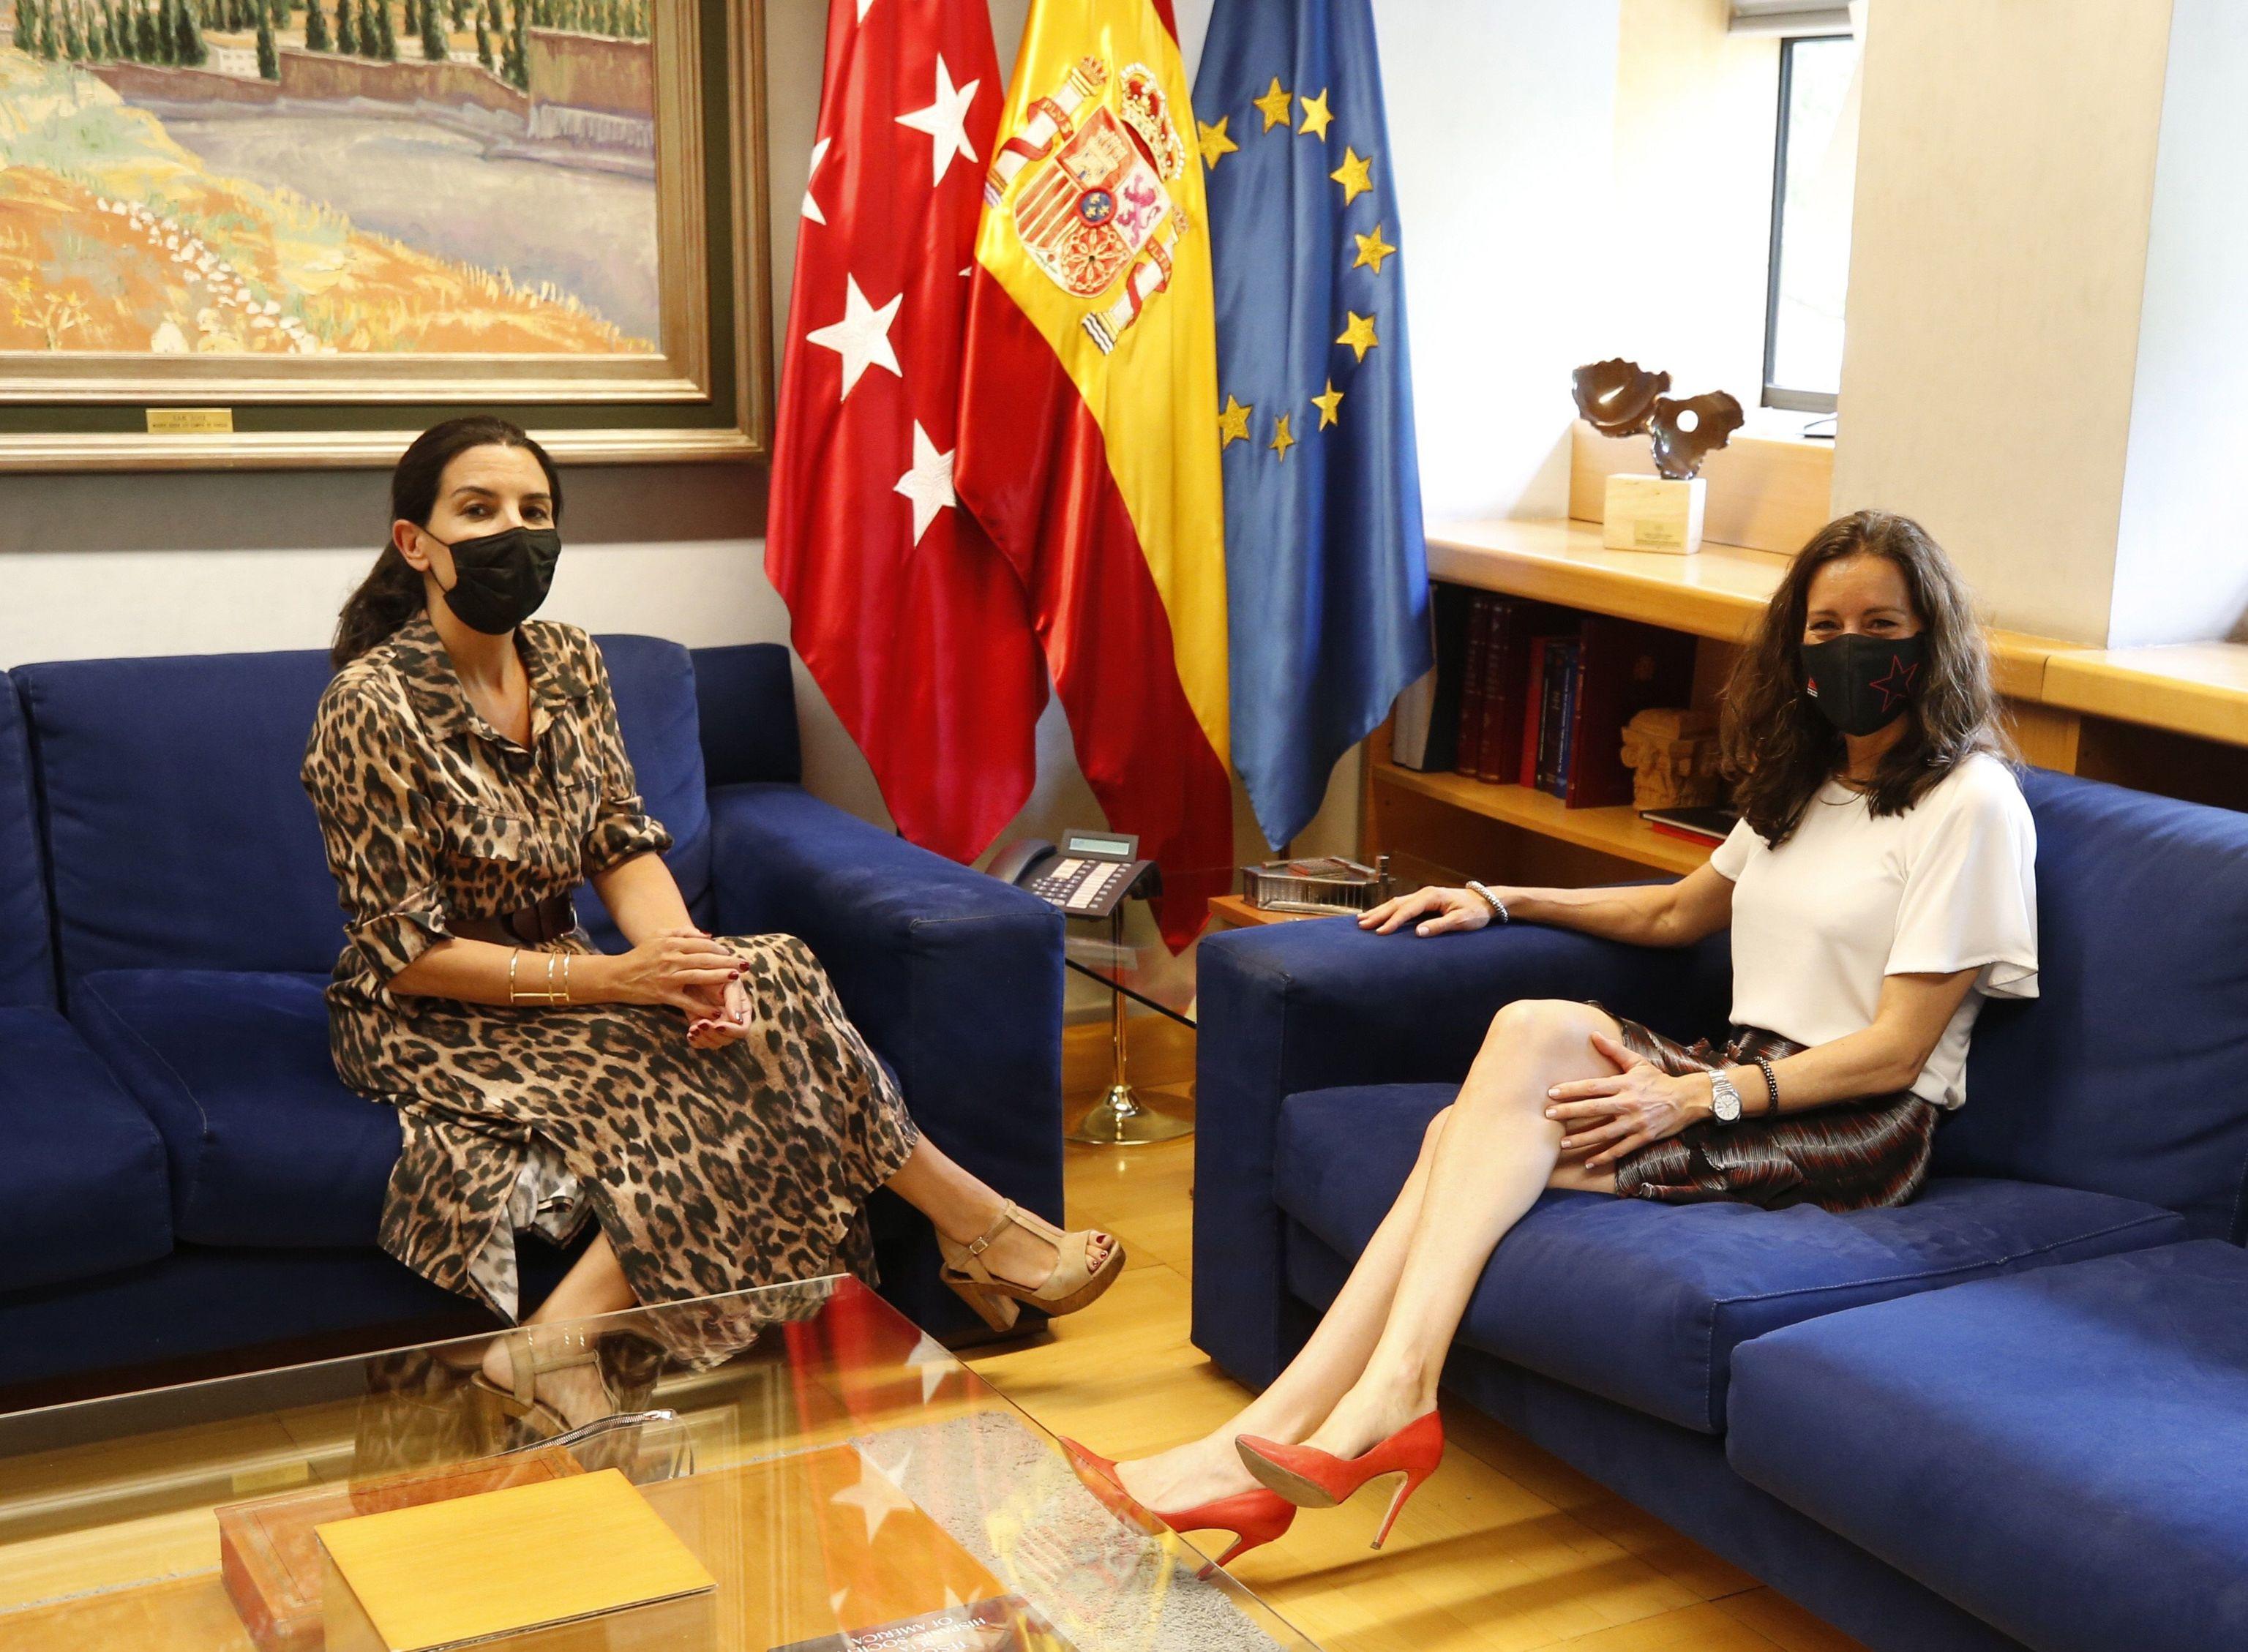 La portavoz de Vox, Rocío Monasterio, ayer durante su reunión con la presidenta de la Asamblea de Madrid, Eugenia Carballedo.